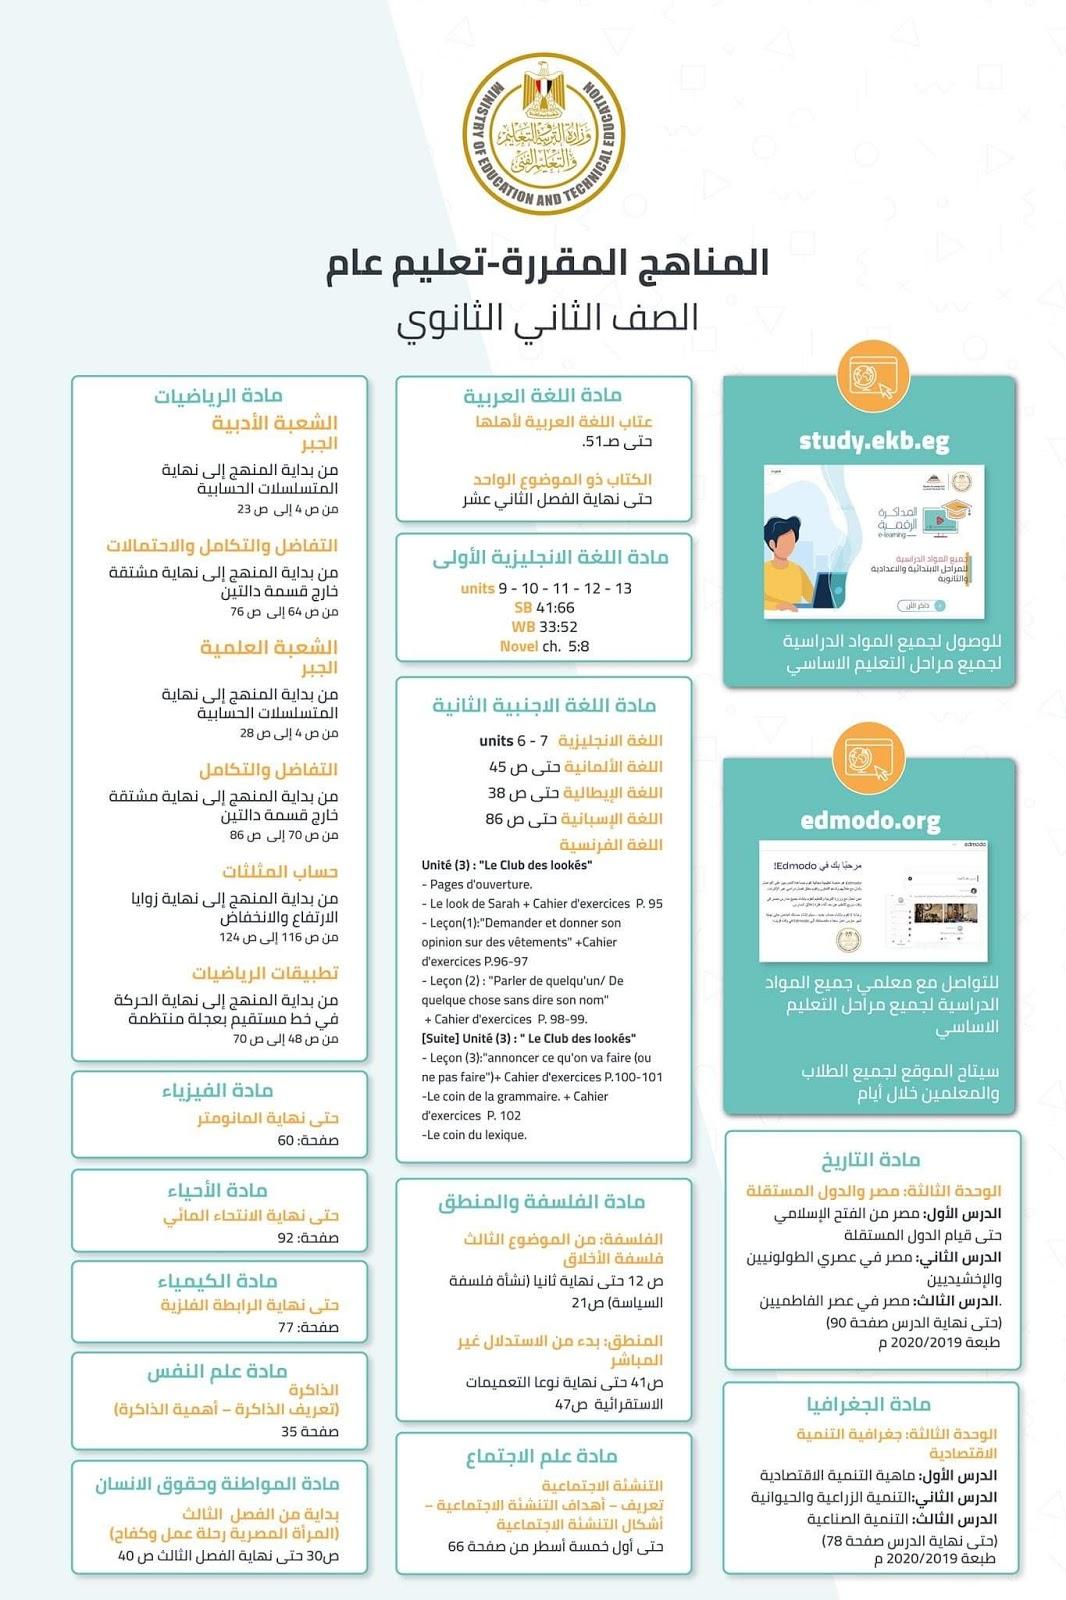 وزارة التربية والتعليم المناهج المقررة للصف الثانى الثانوى العام 2020 حتى 15 مارس2020